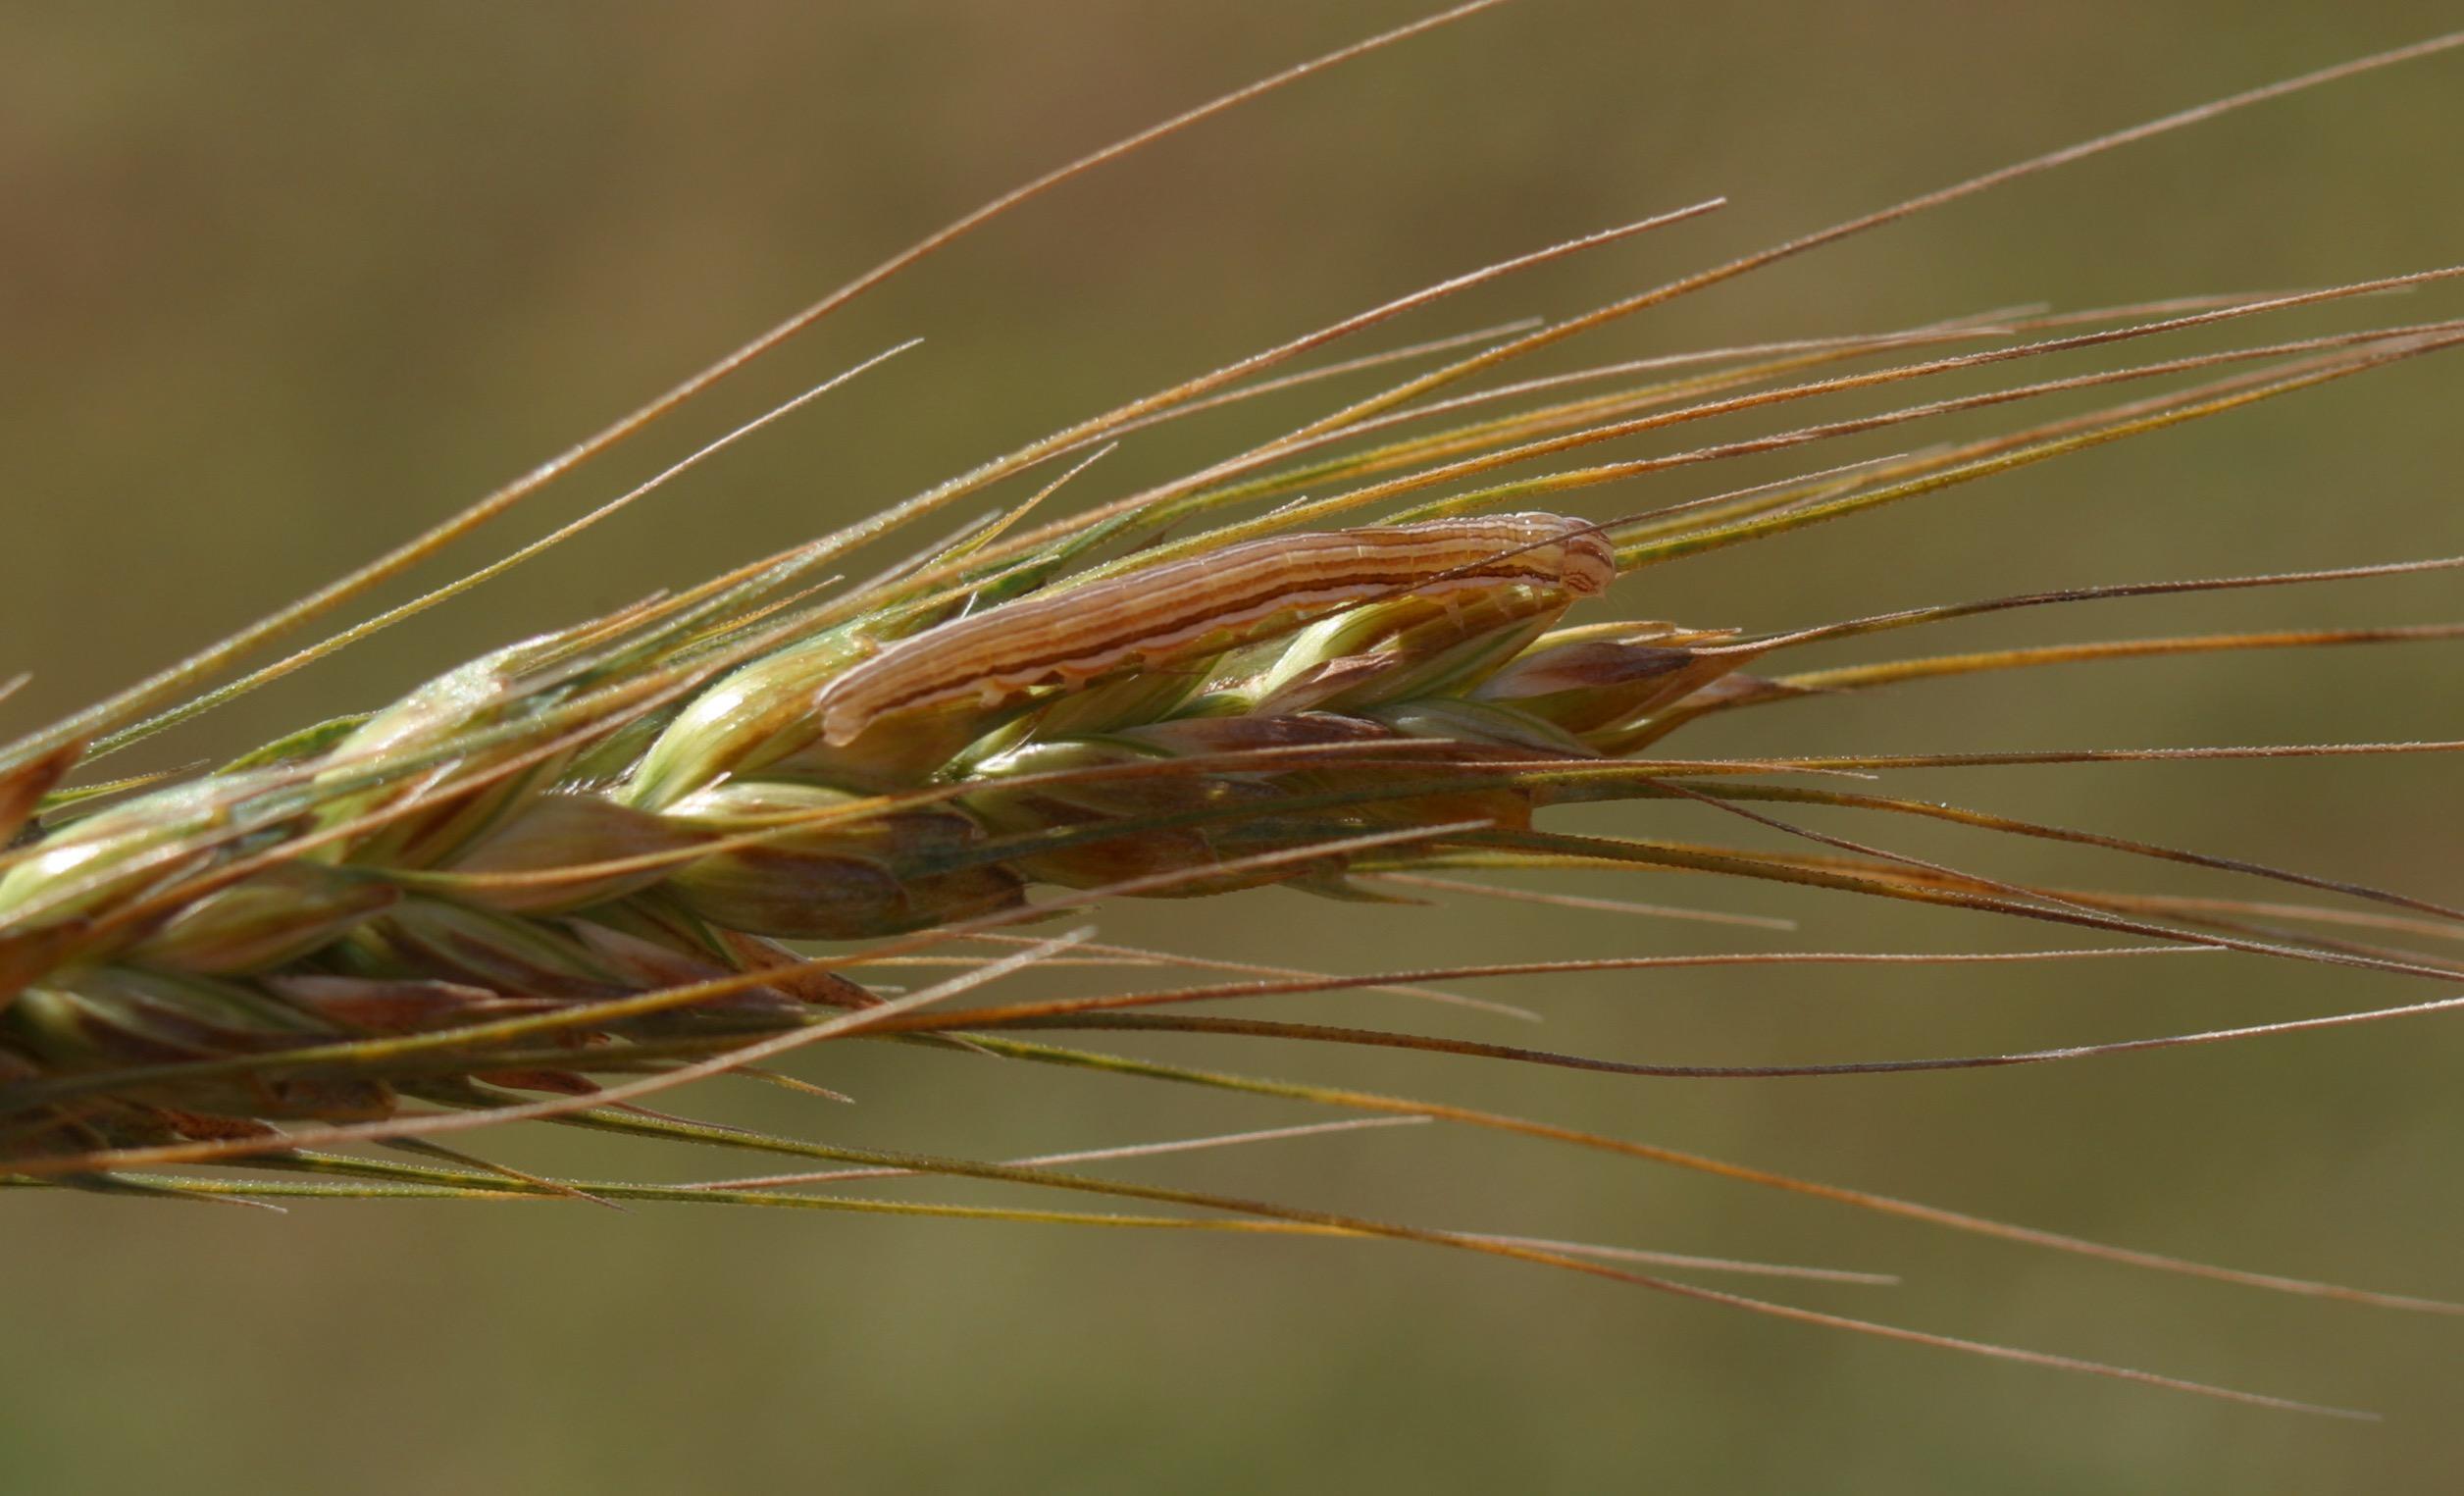 Wheat head armyworm